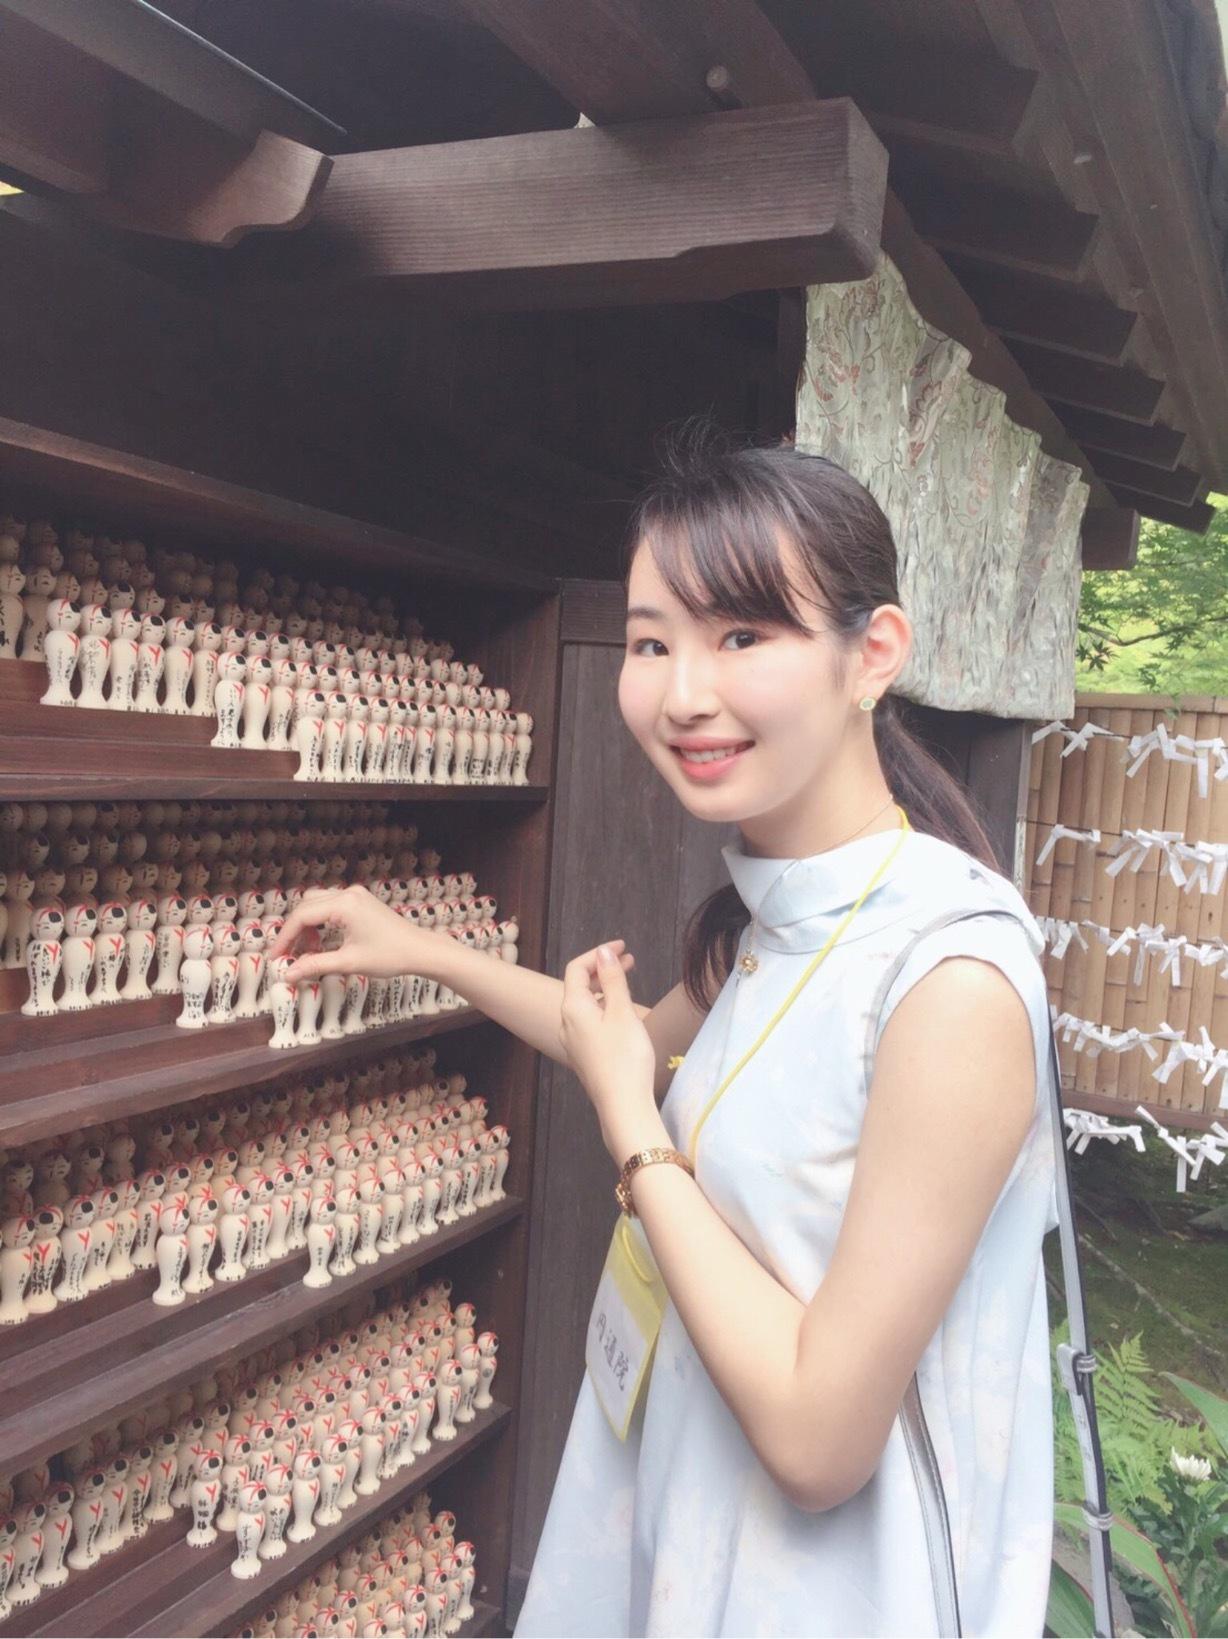 【国内旅行】女子旅は仙台がオススメ!_1_3-1